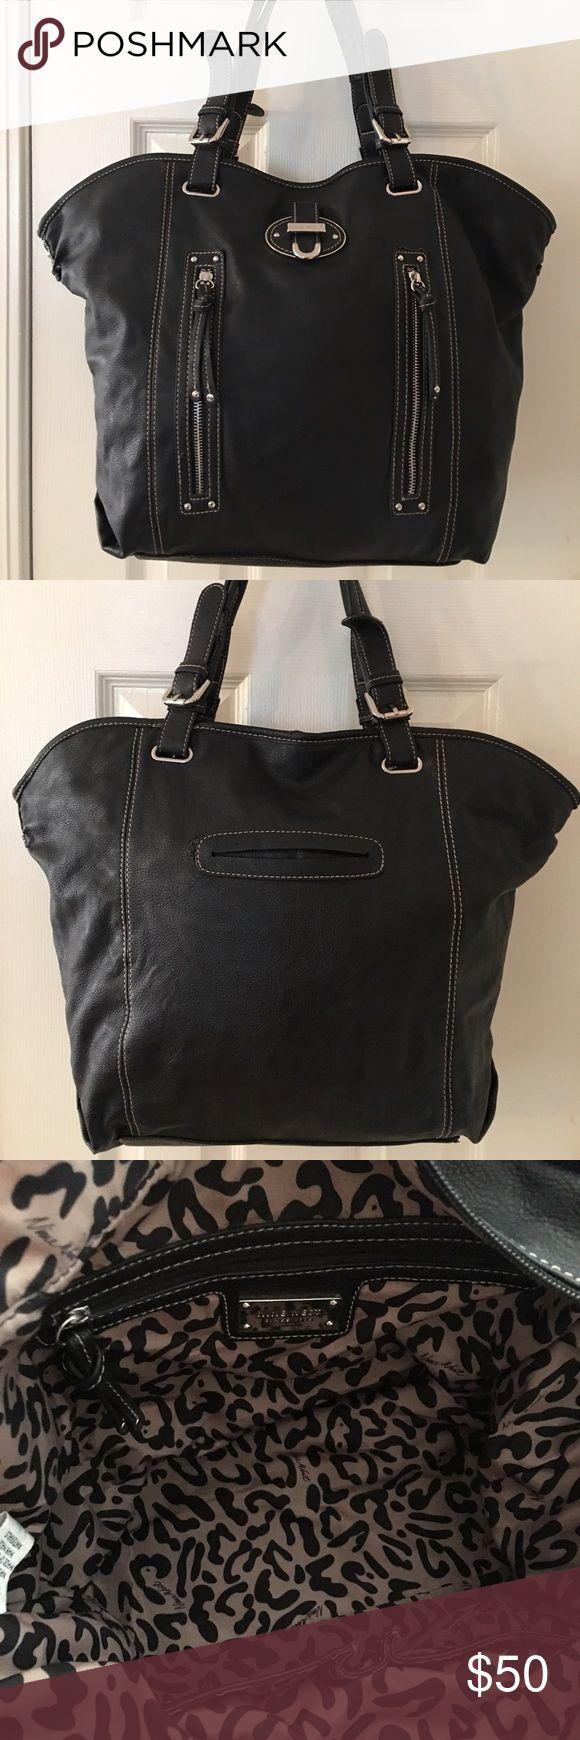 🛍 Nine West Large Black Silver Shoulder Bag Mass posting.  Well add description shortly💕 Nine West Bags Shoulder Bags